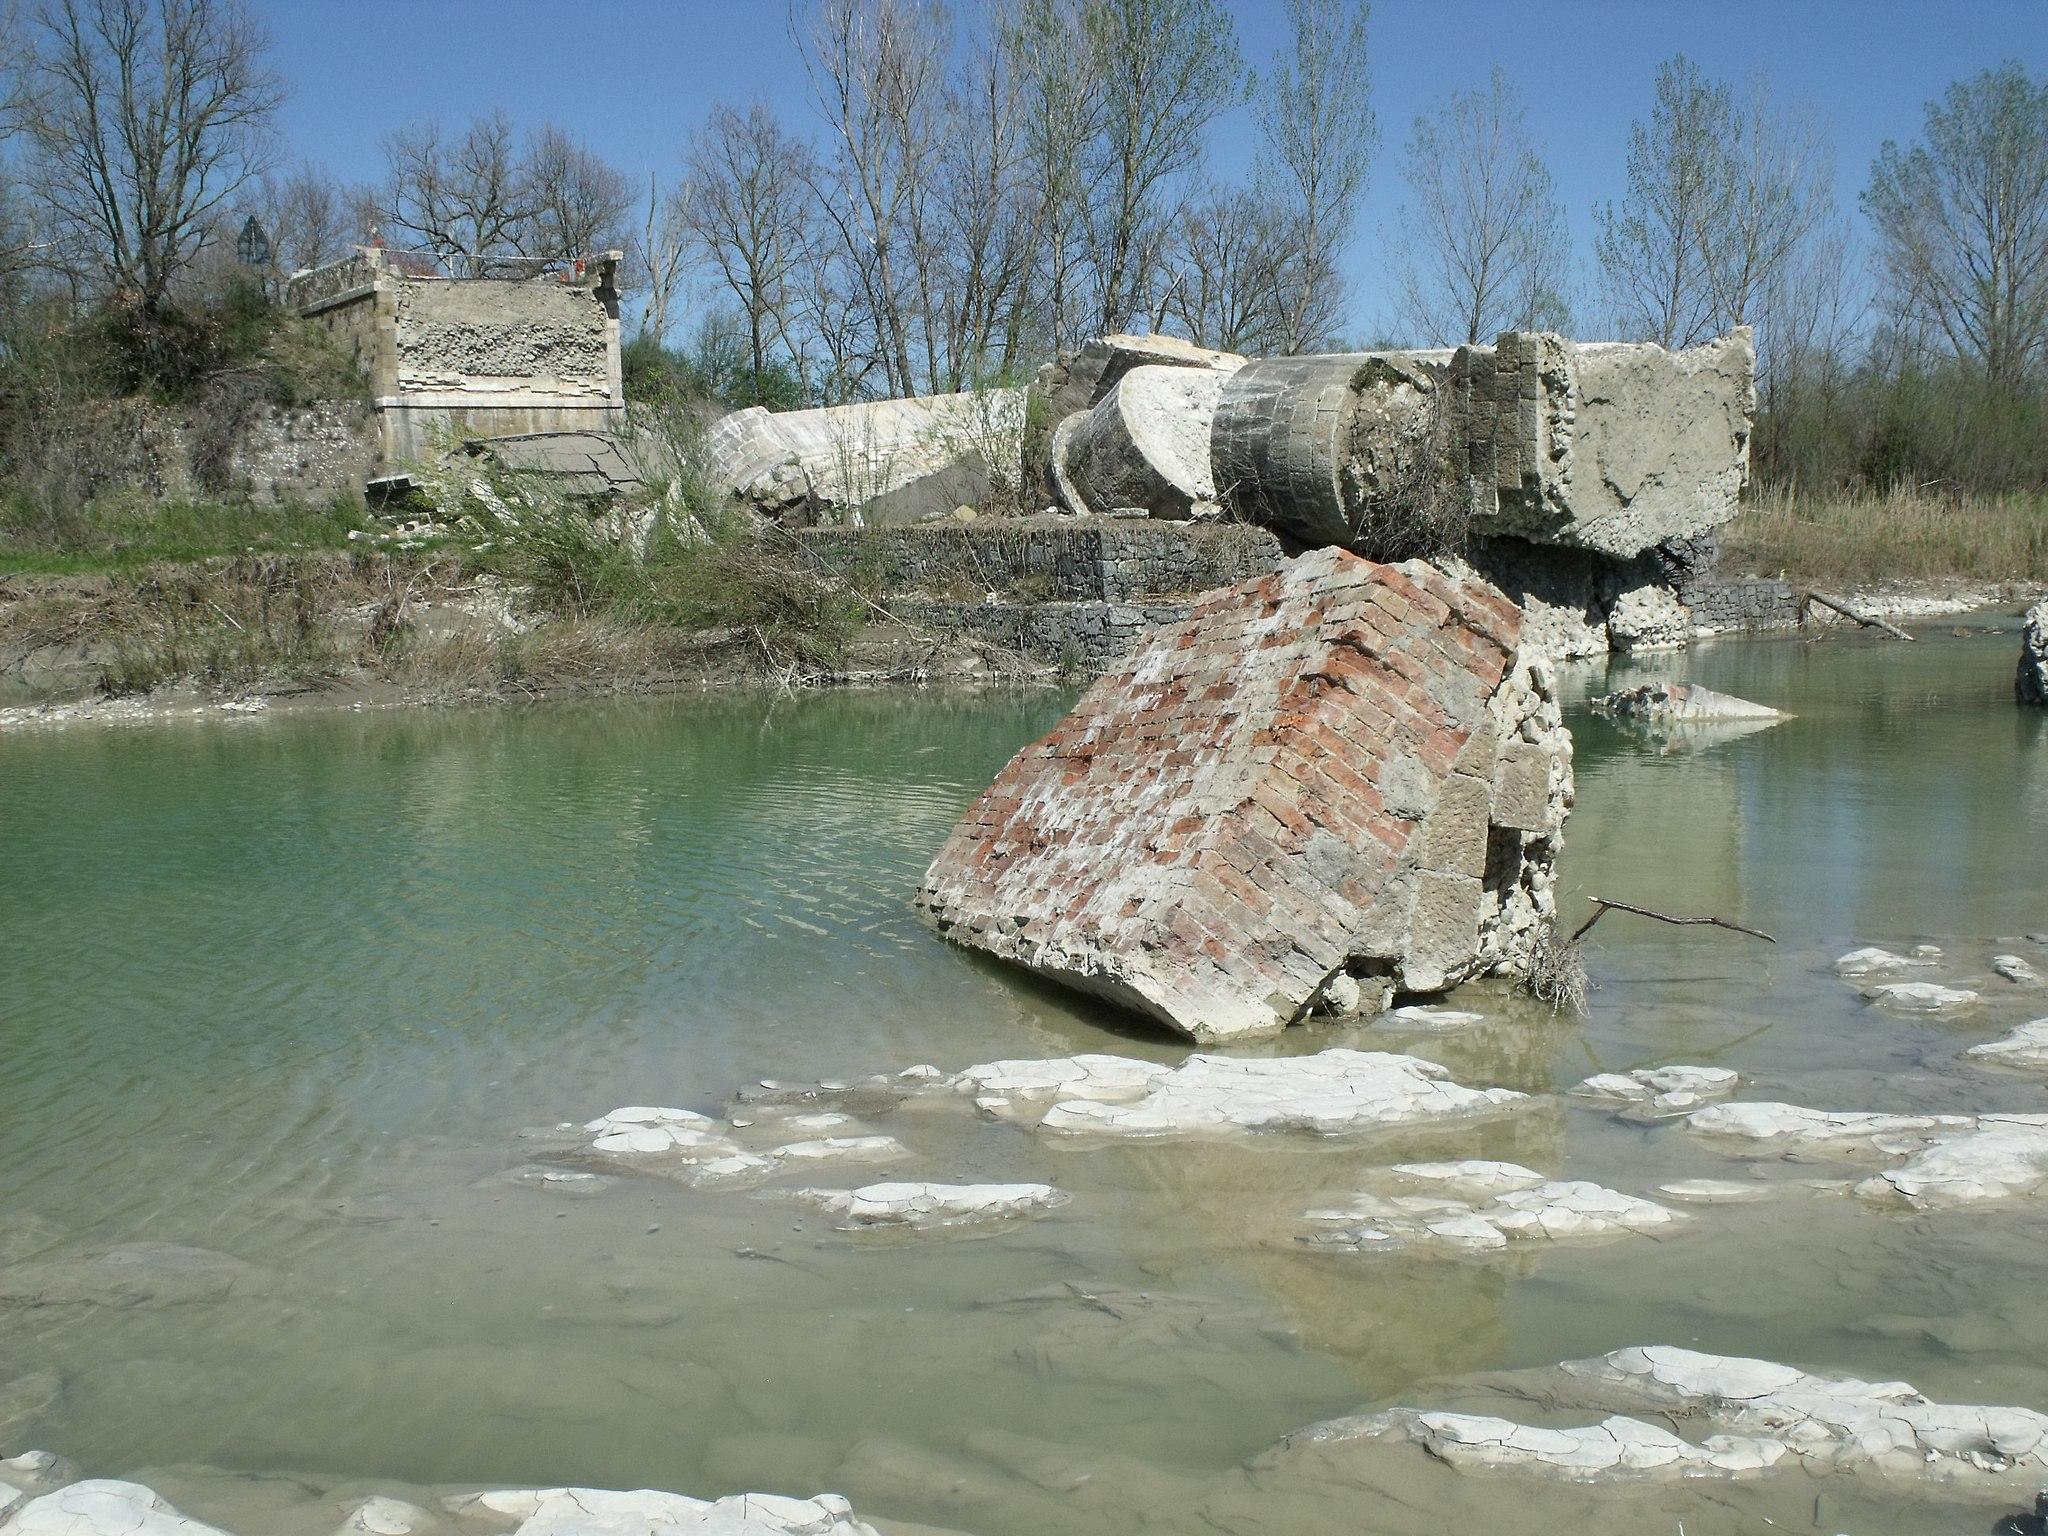 The ruins of Ponte di Pian di Maggio in Castiglione  d'Orcia